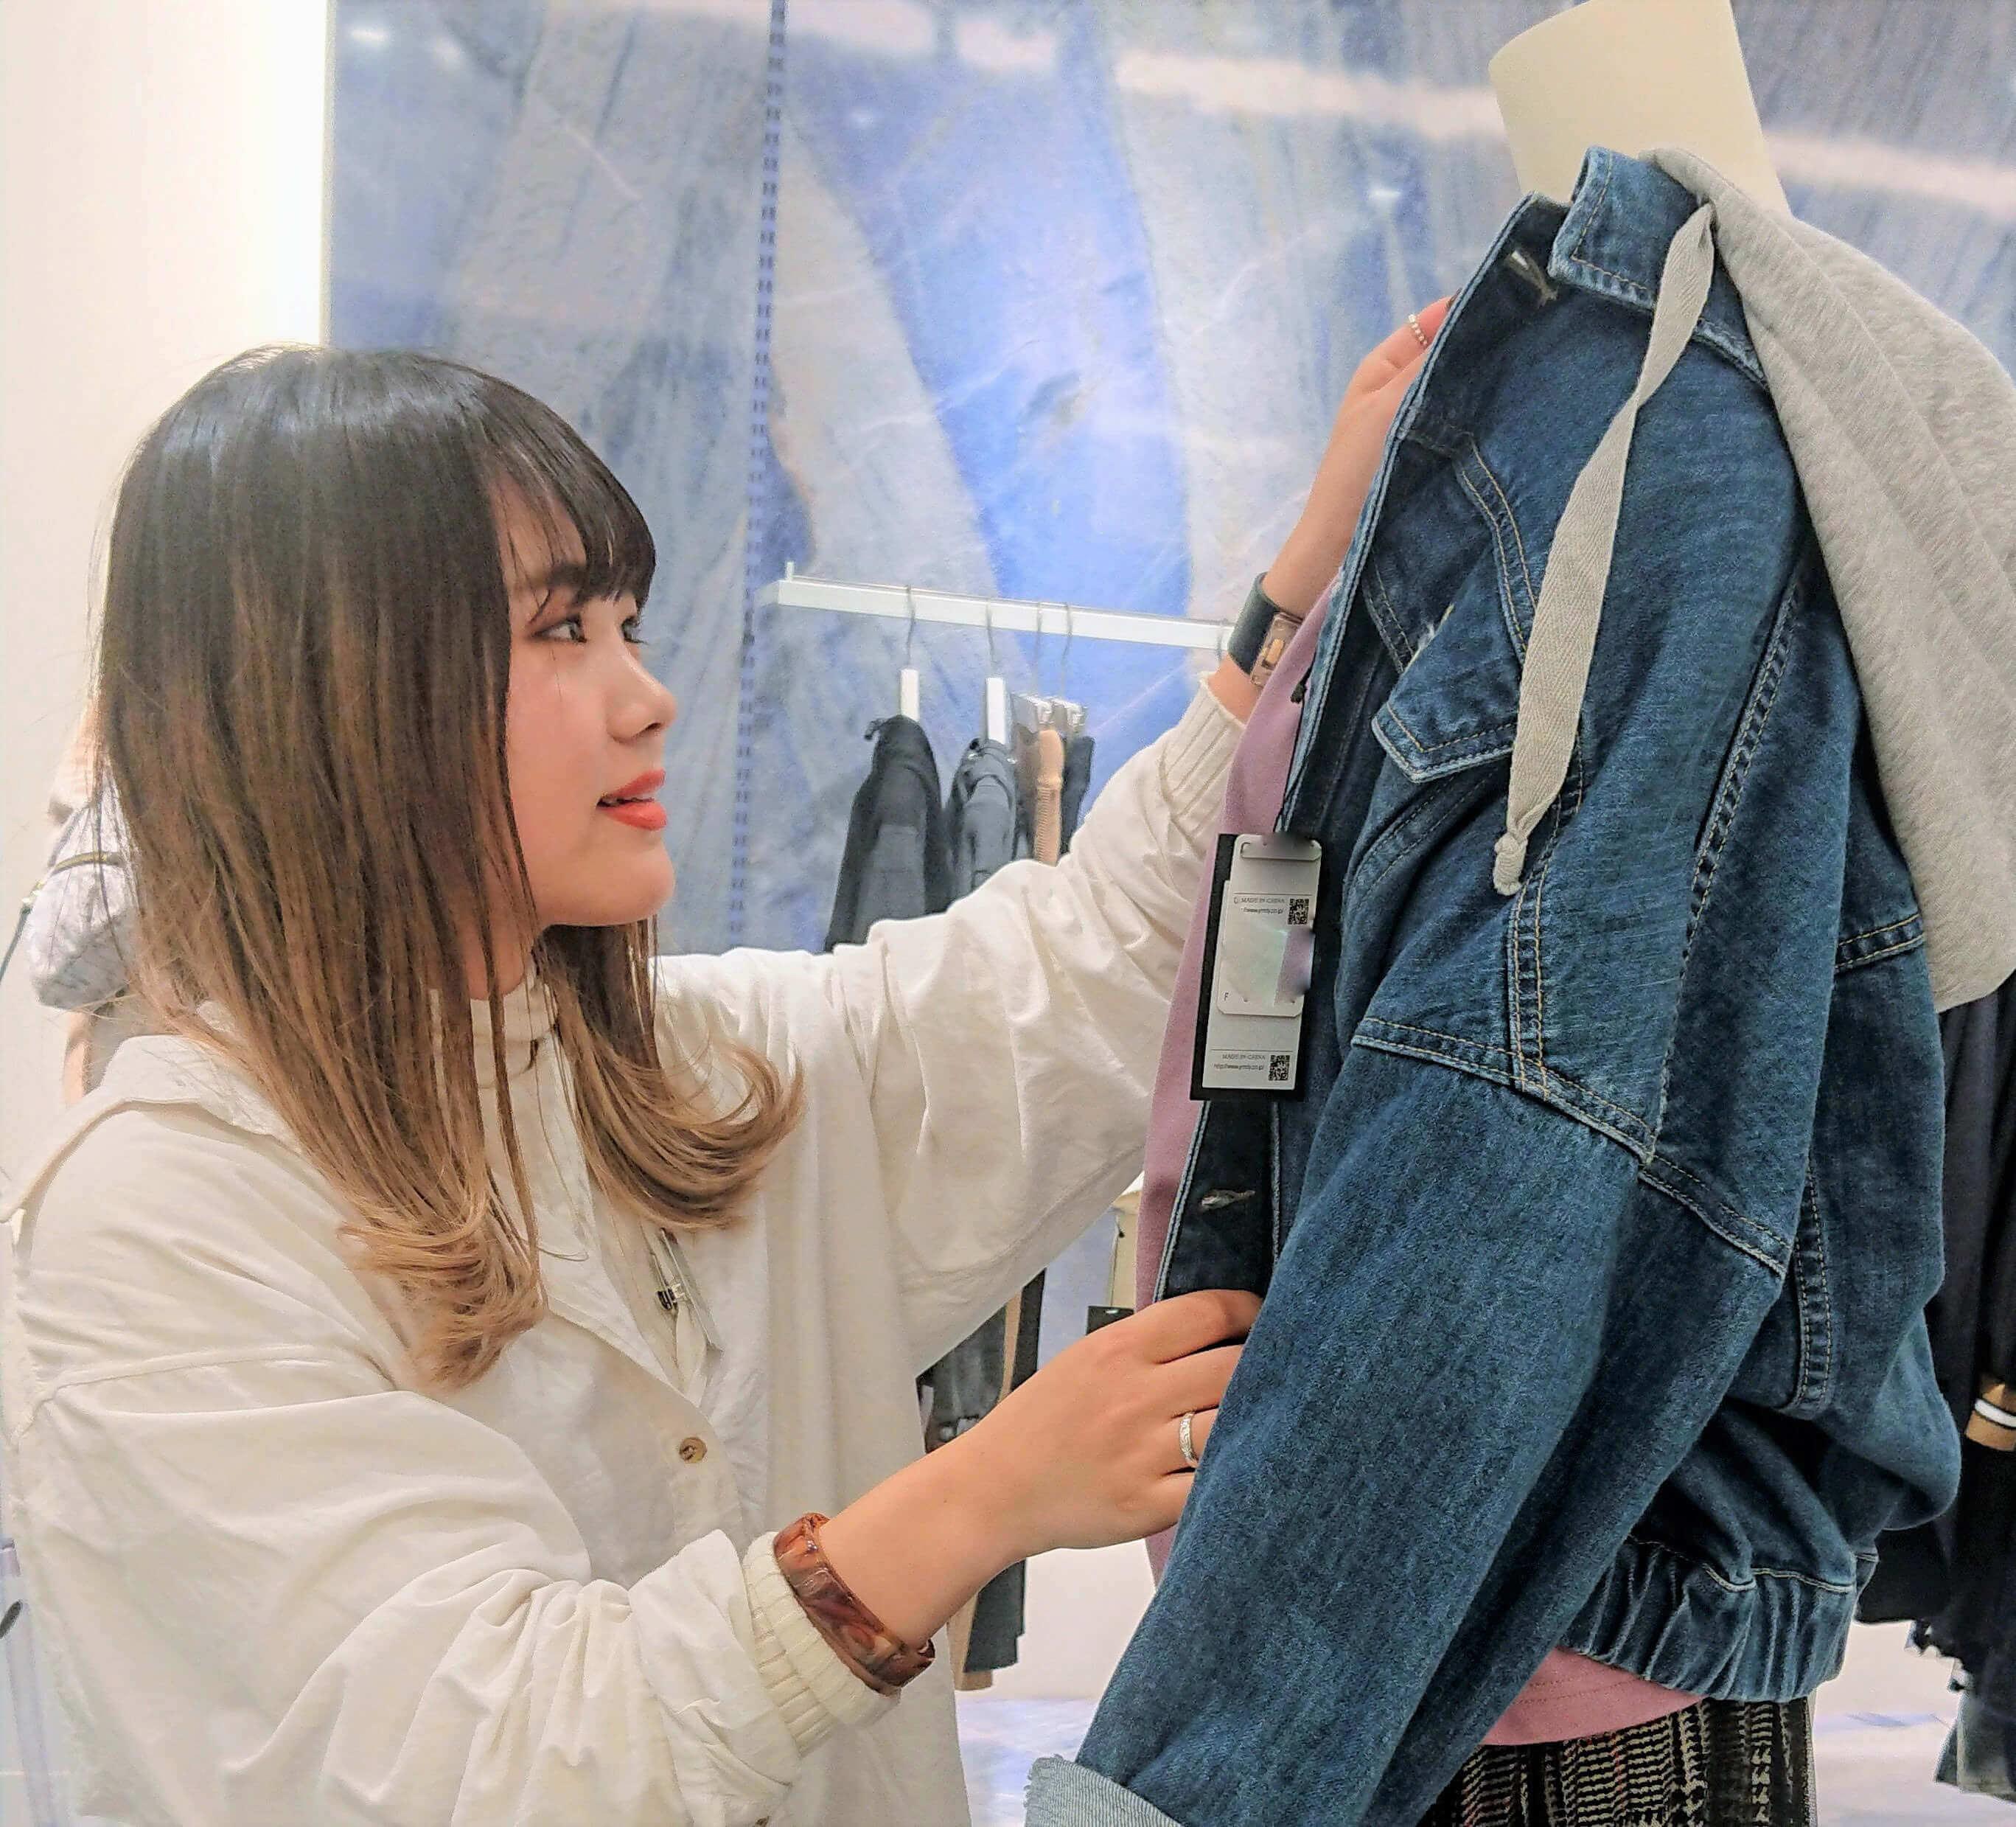 ★神奈川★自分らしさを大切にした接客スタイルで働けるファッションアドバイザー募集のカバー写真